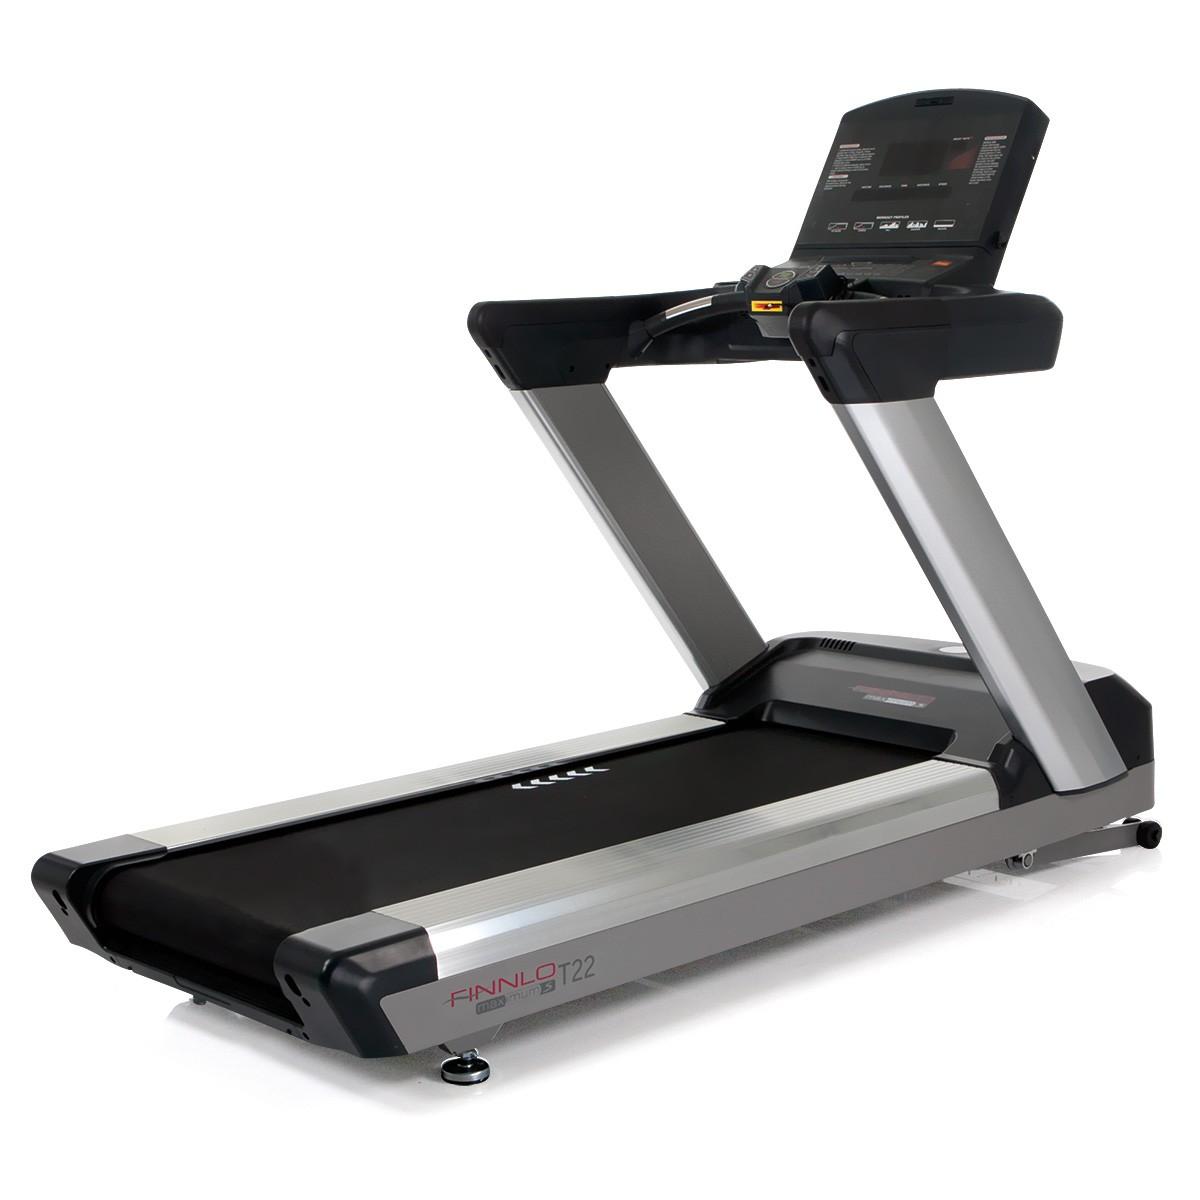 Běžecký pás FINNLO MAXIMUM S Treadmill T22 + montáž a zajištění servisu u Vás doma ZDARMA